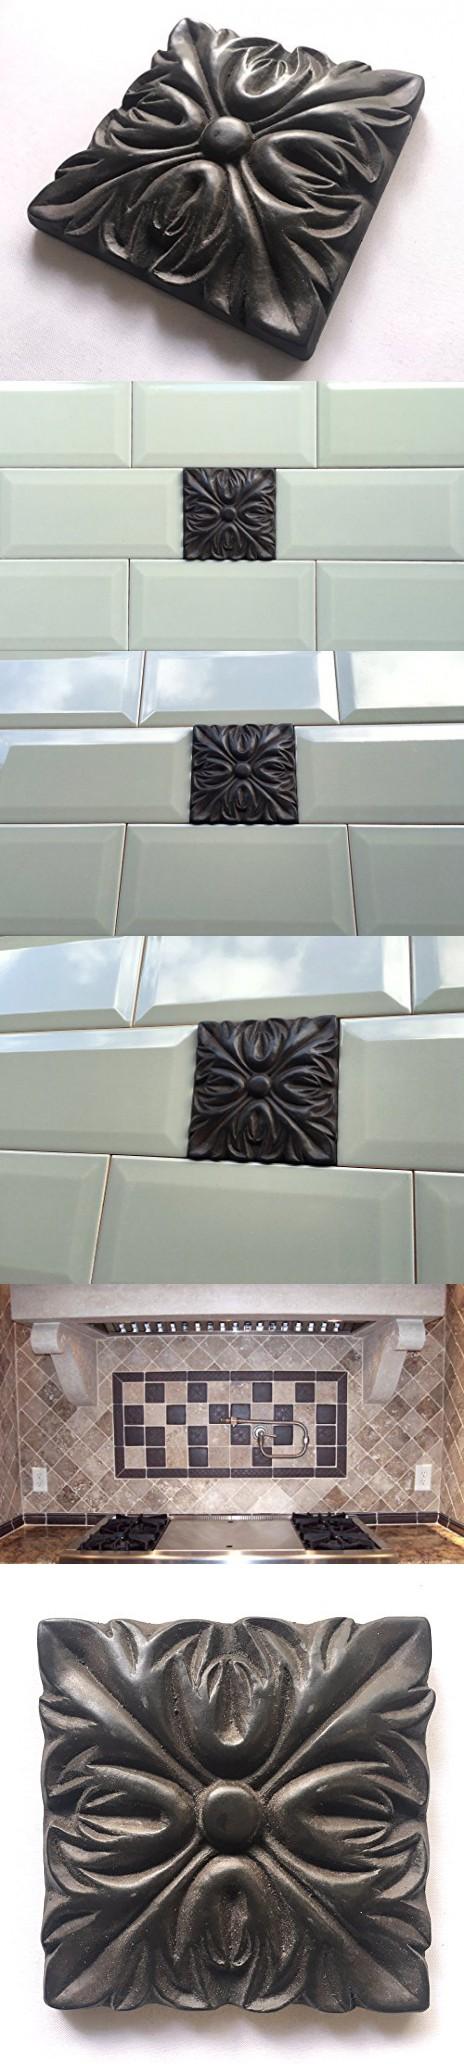 Decorative Tile Accent Pieces Silver Rust 4X4 Resin Decorative Insert Accent Piece Tile  Accent